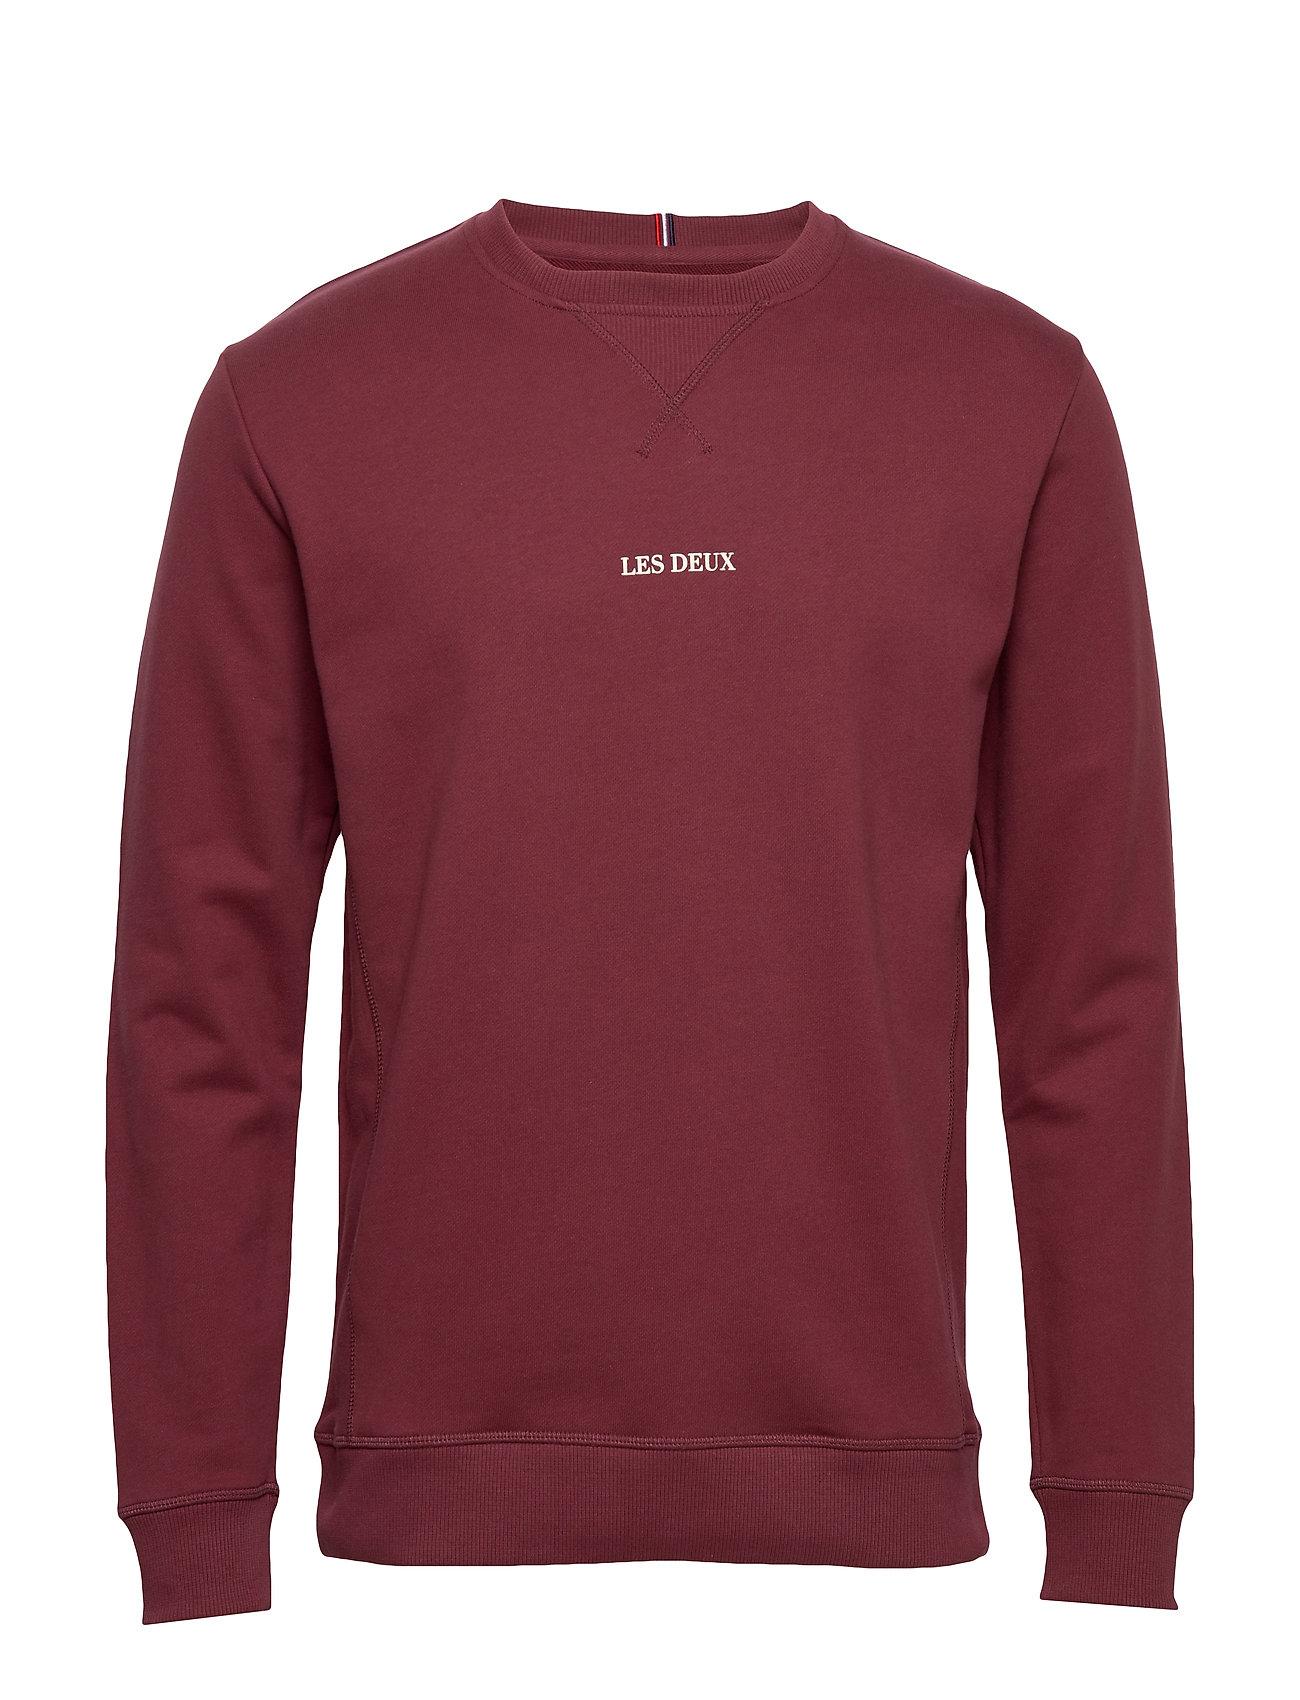 Les Deux Lens Sweatshirt - 6565-BURGUNDY